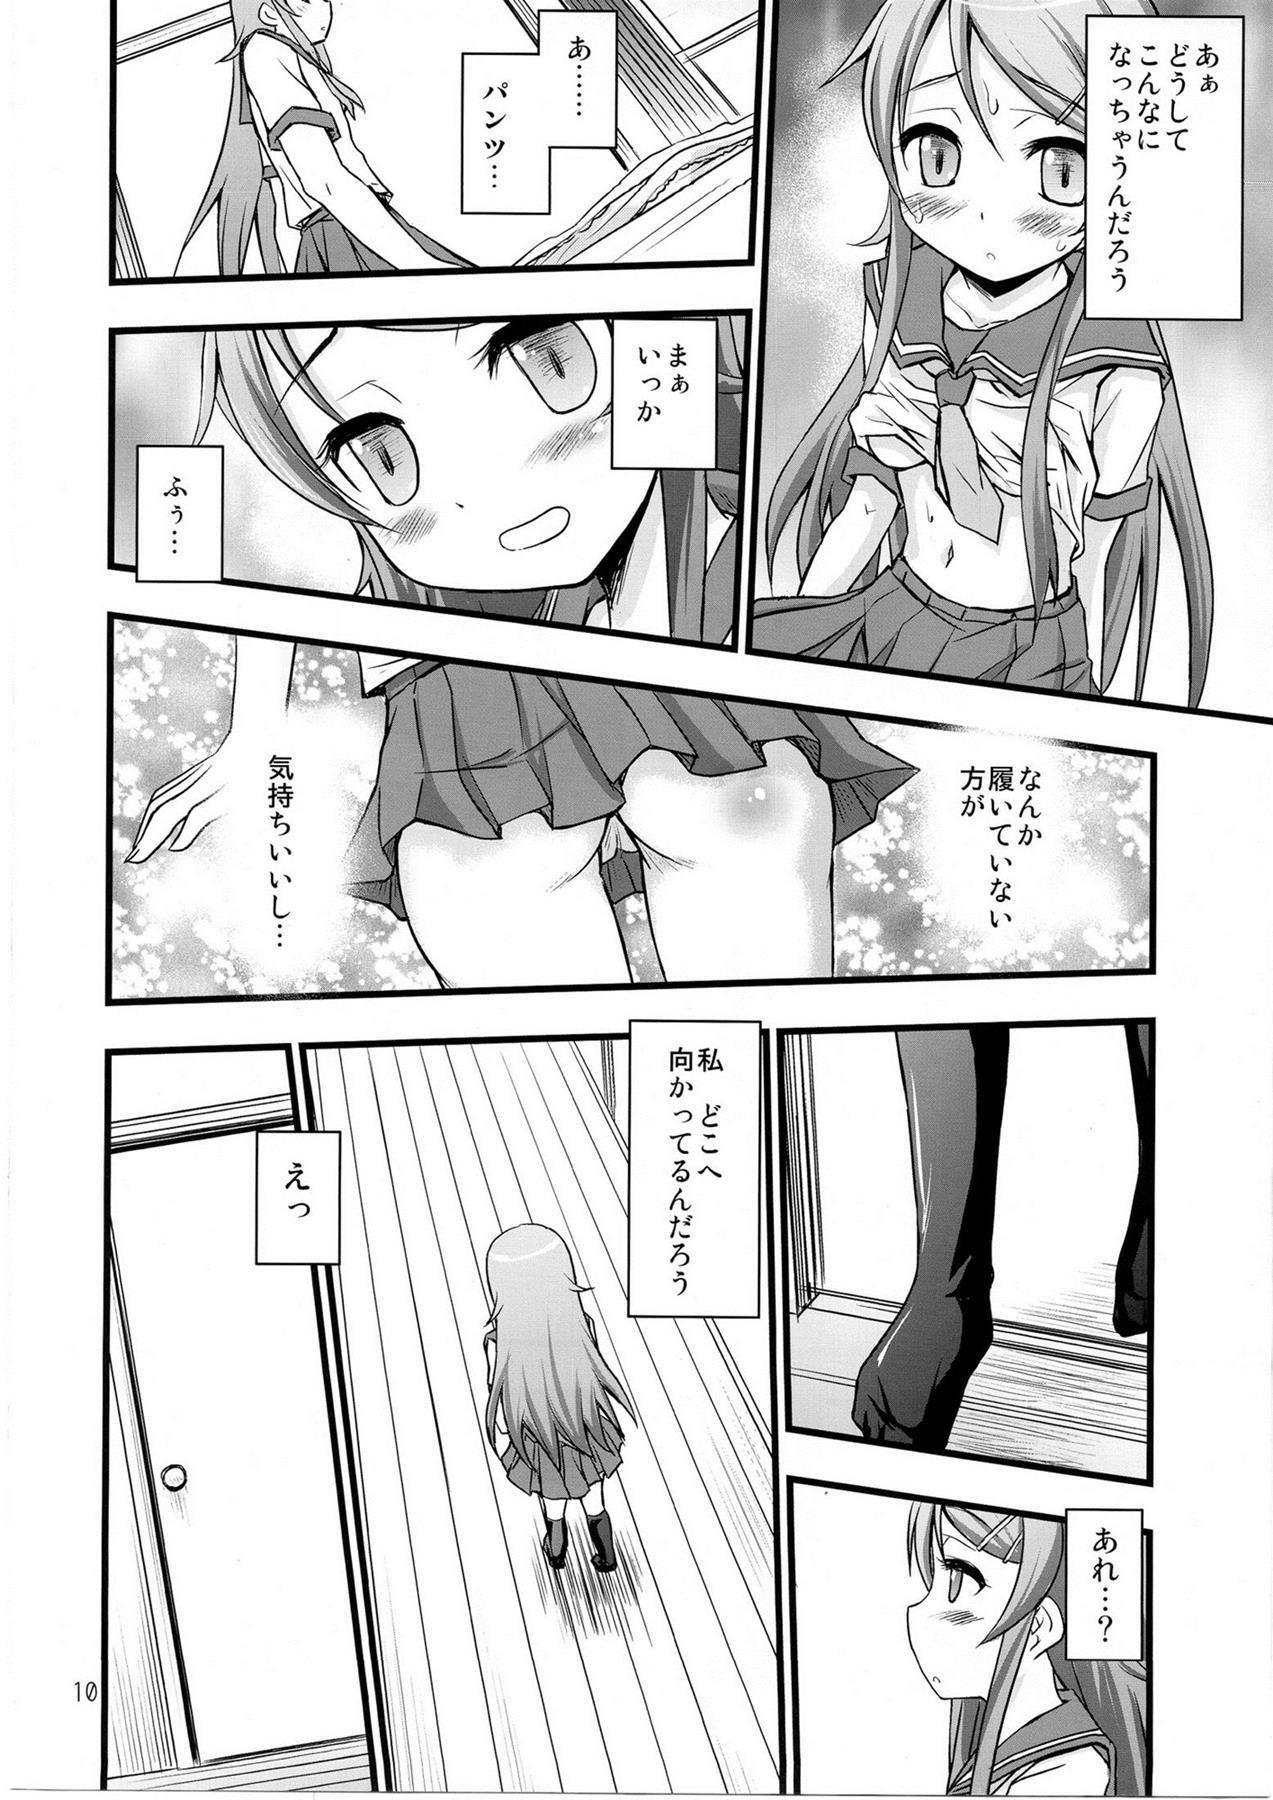 【エロ漫画】俺の妹がこんなに可愛いわけがない。 黒猫と桐乃が催眠術にかかって負けたくないのに求めちゃう